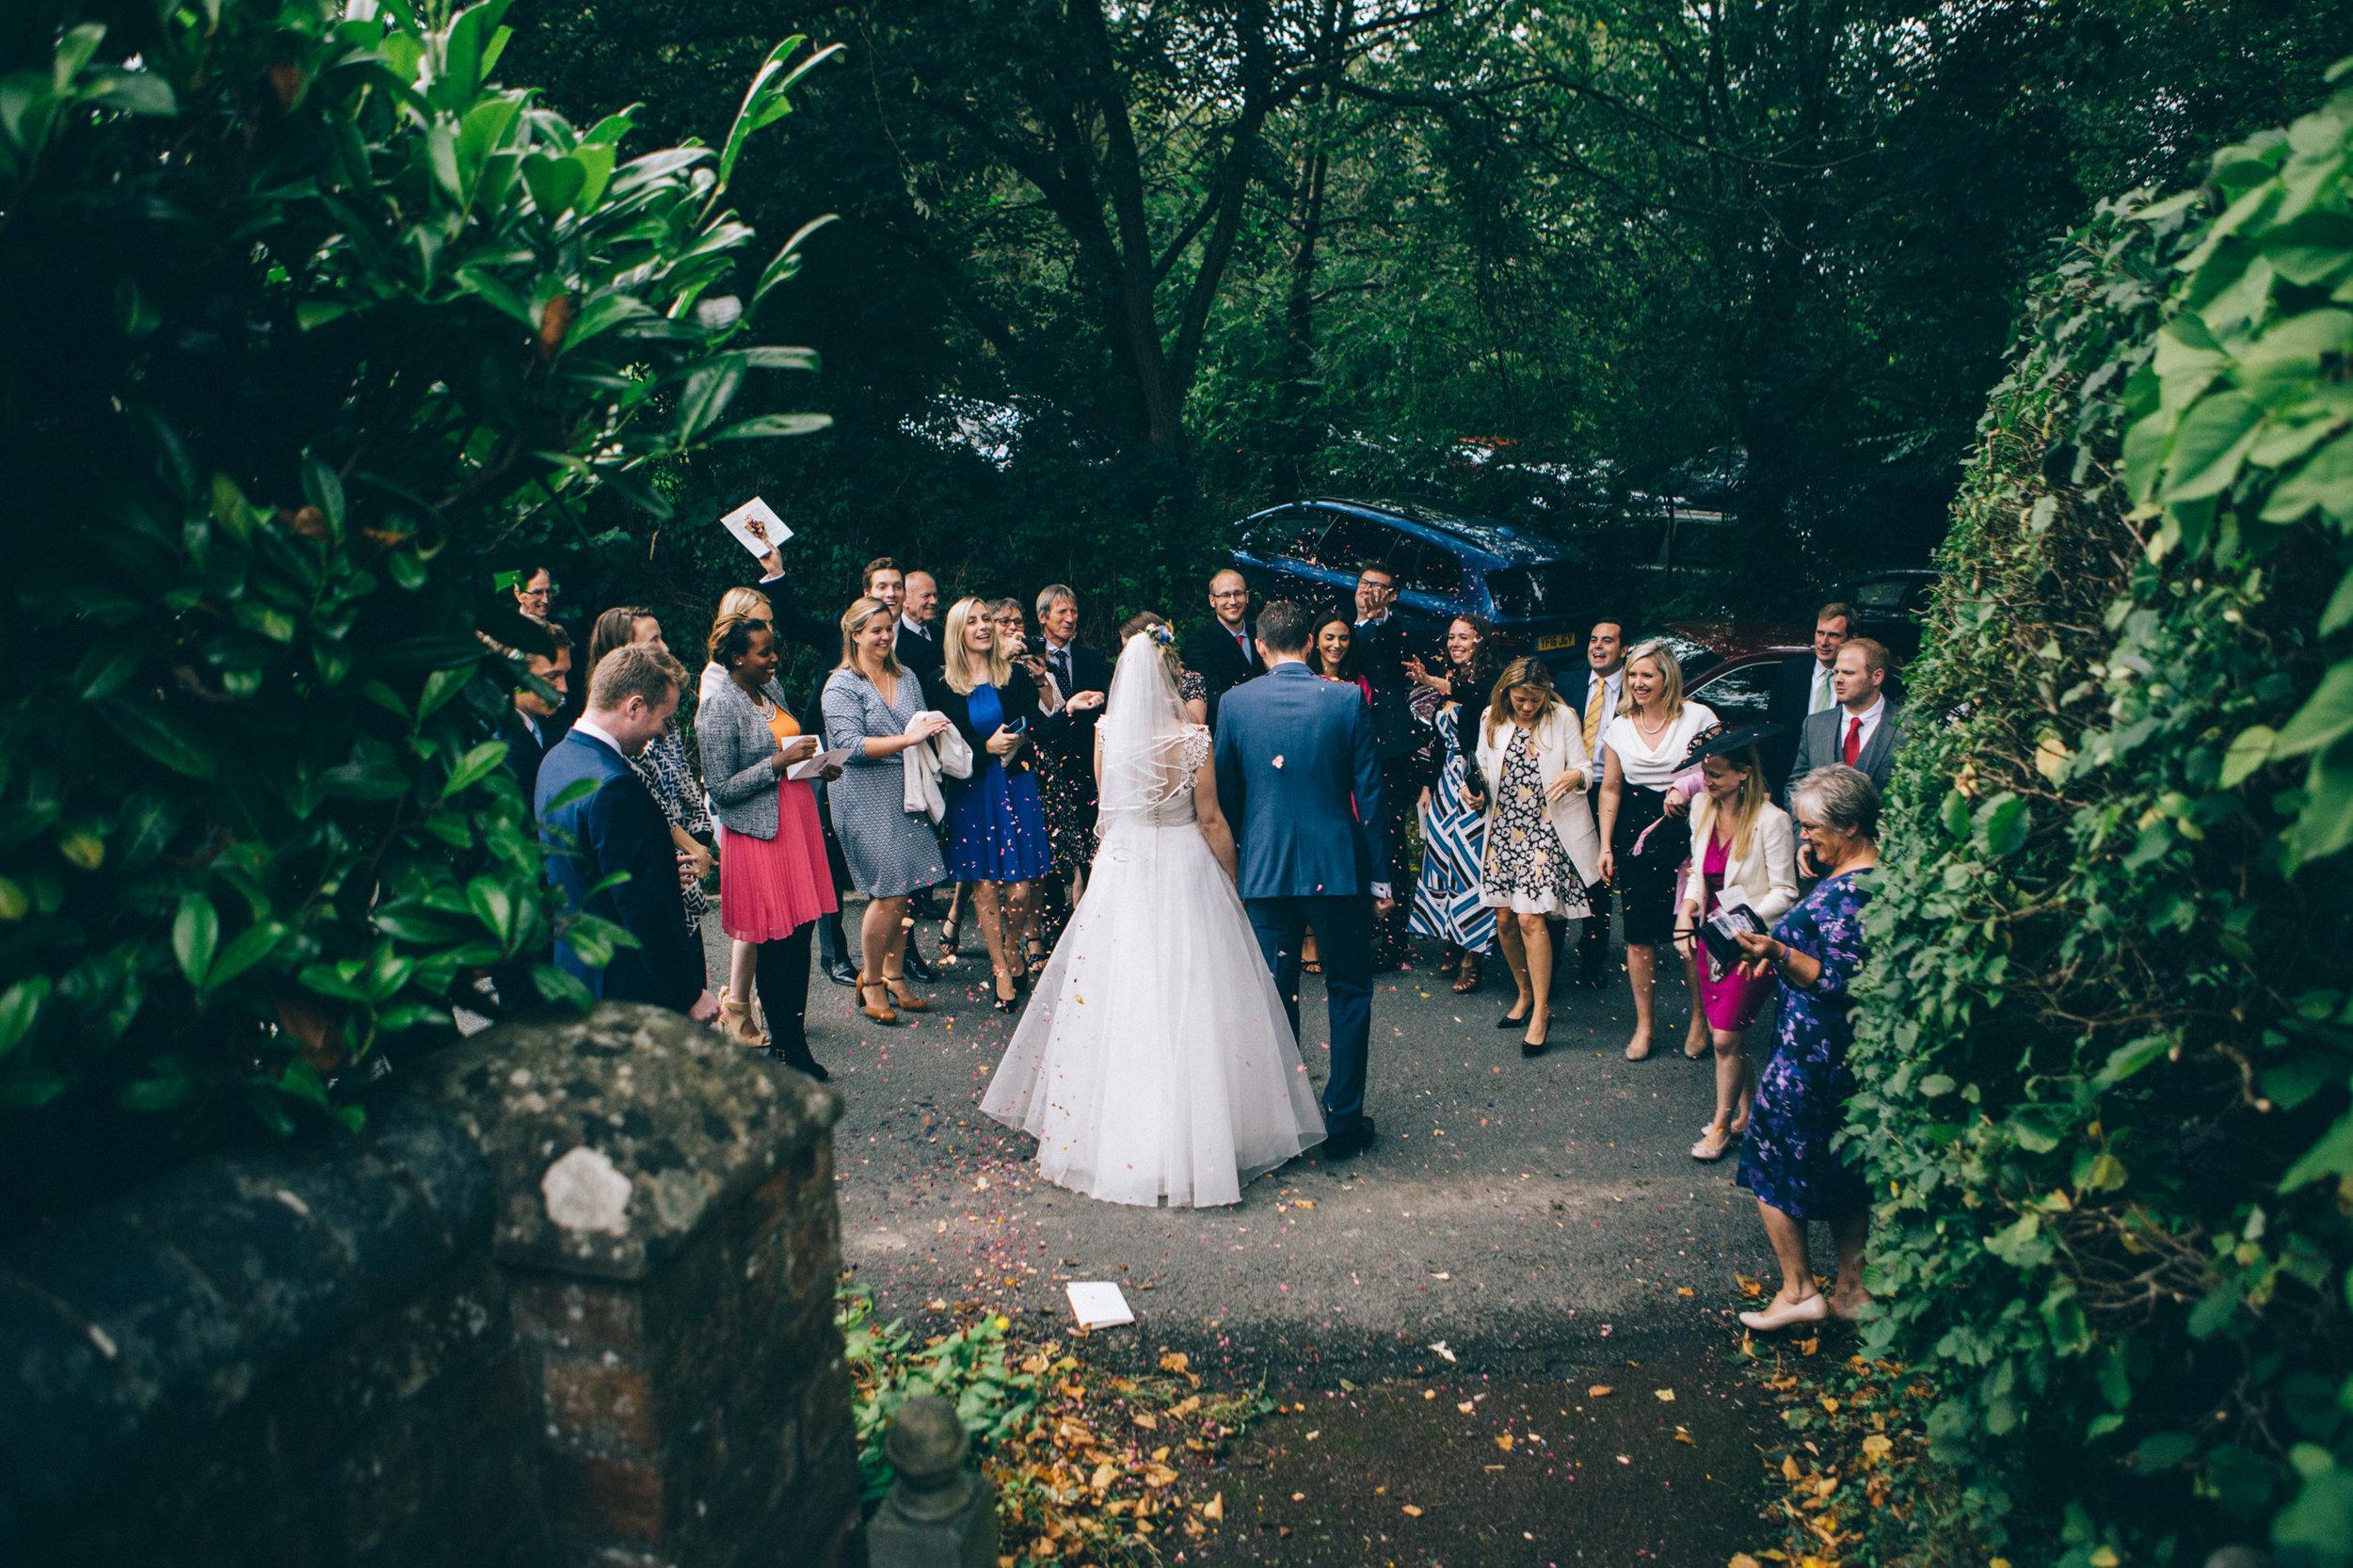 uk wedding photographer artistic wedding photography-74.jpg